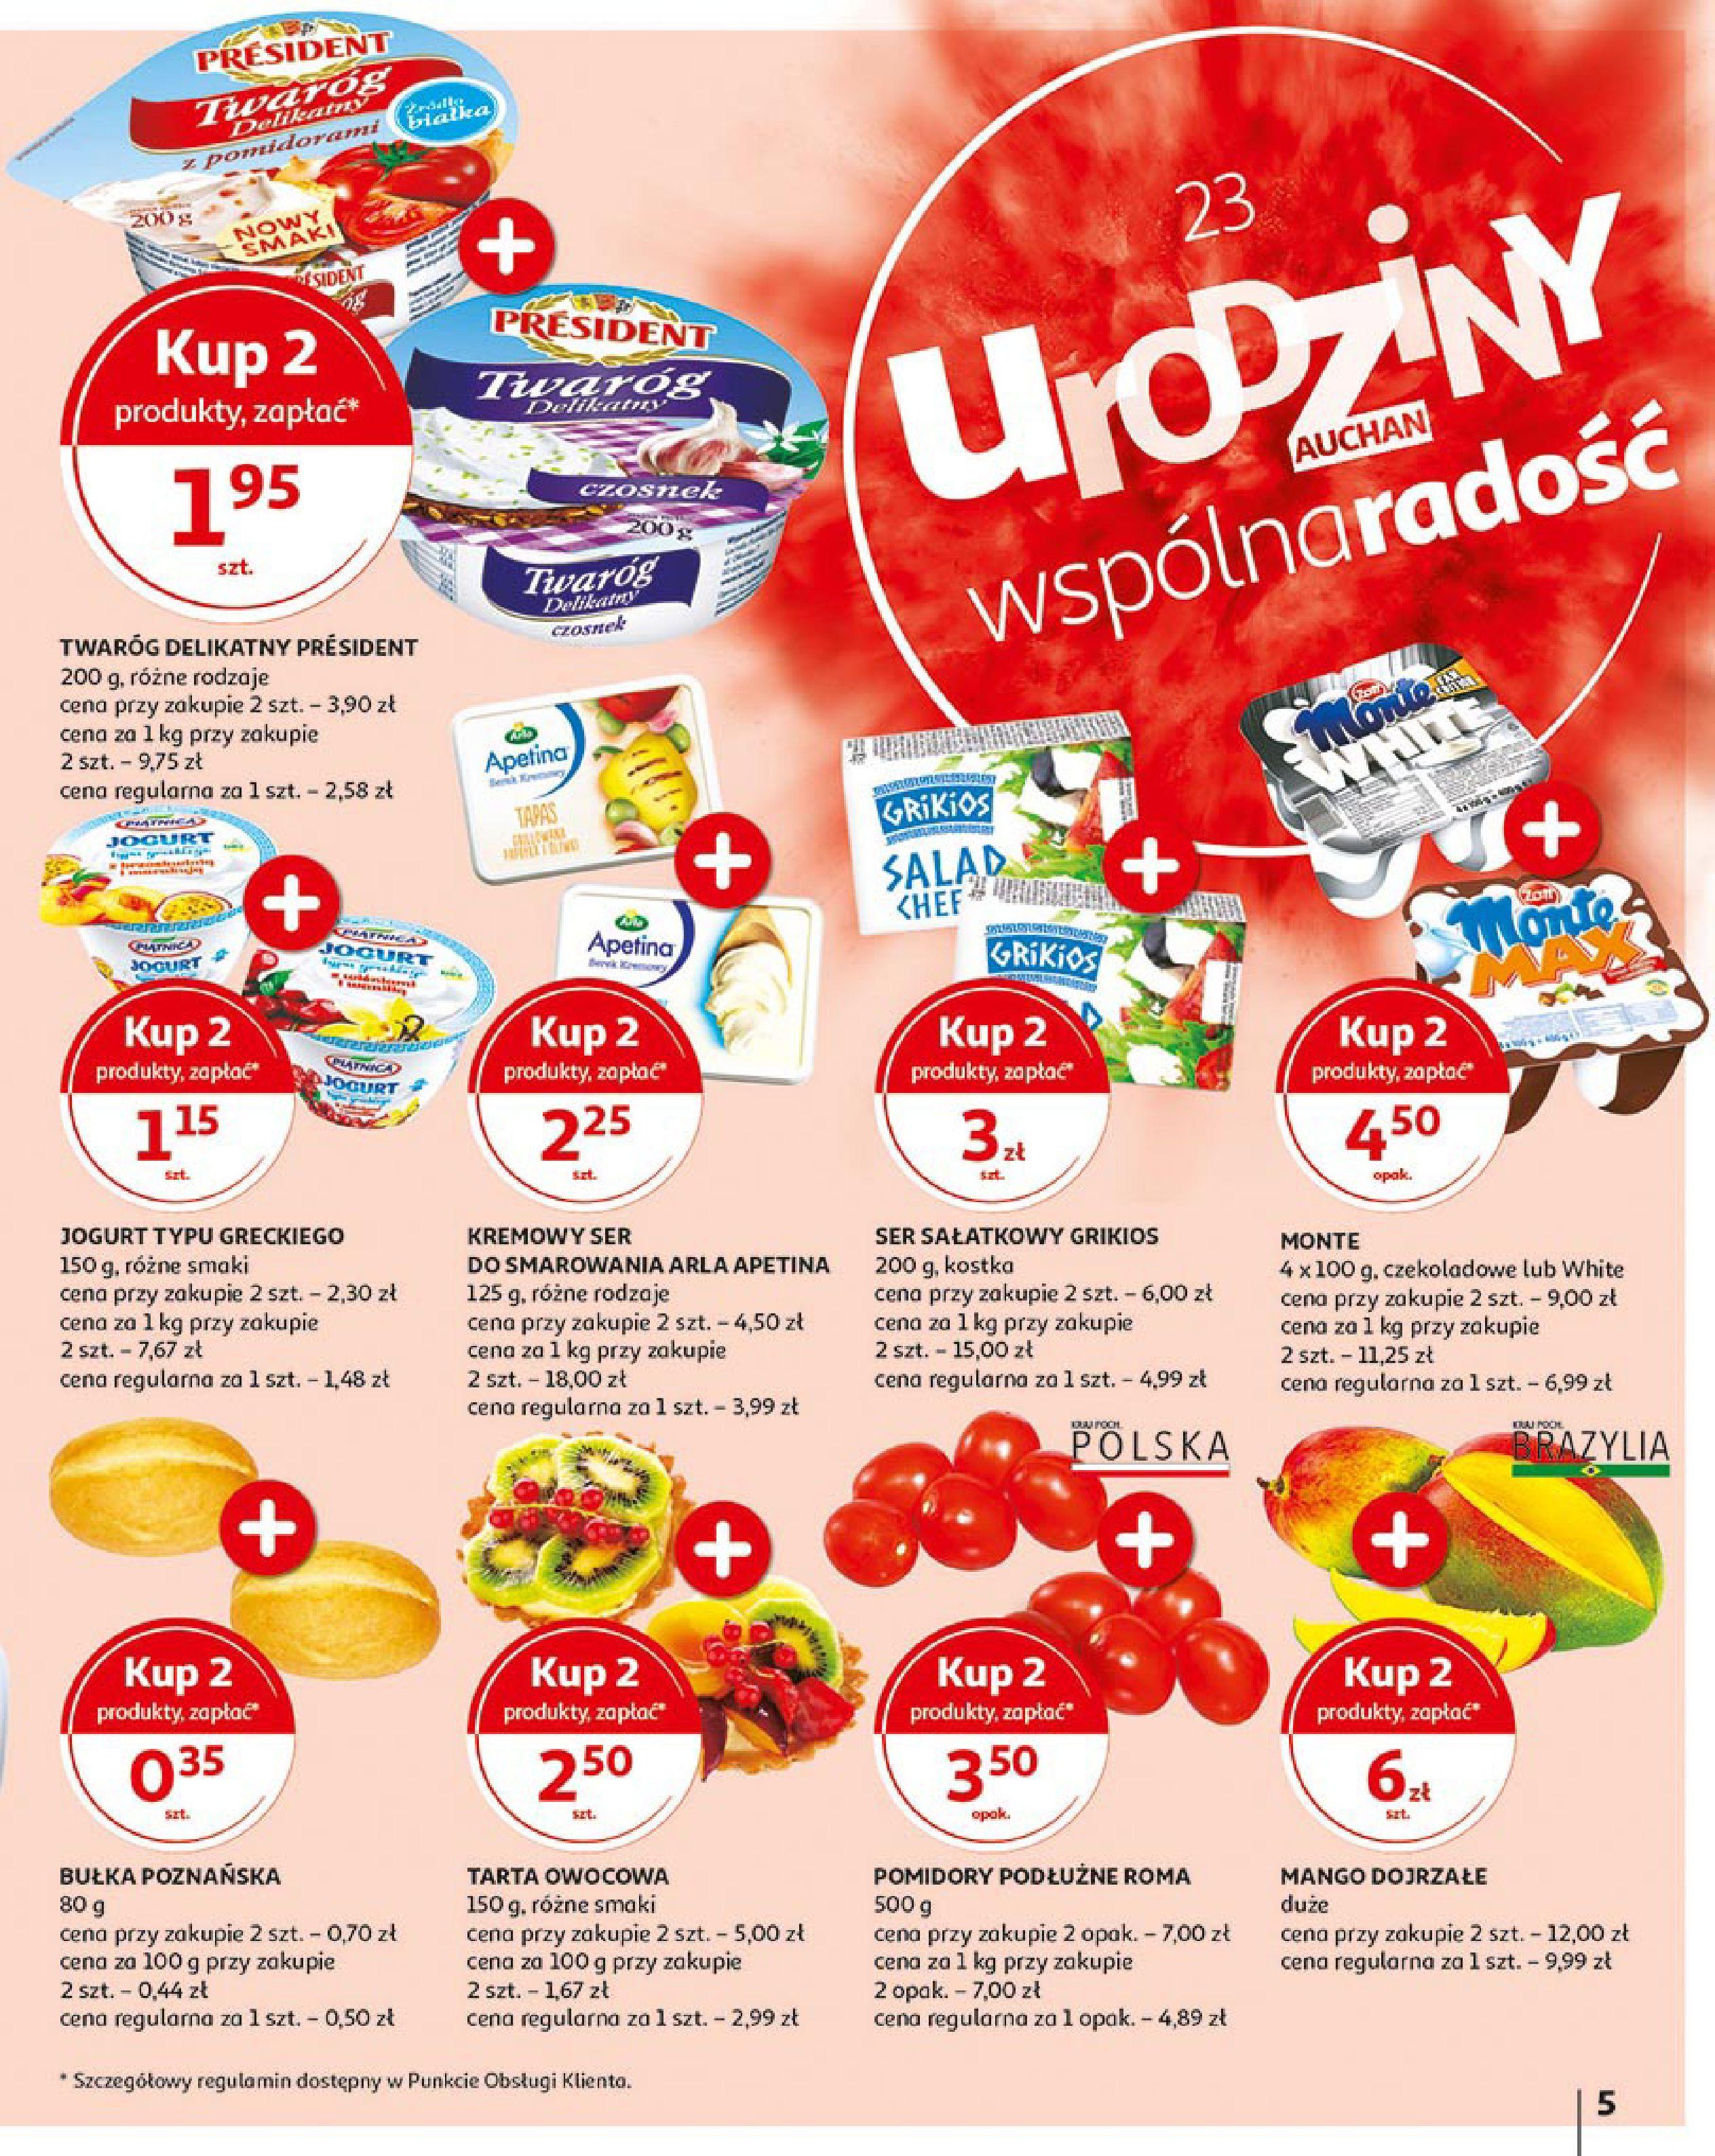 Gazetka Auchan - 23 urodziny Auchan Hipermarkety-15.05.2019-23.05.2019-page-